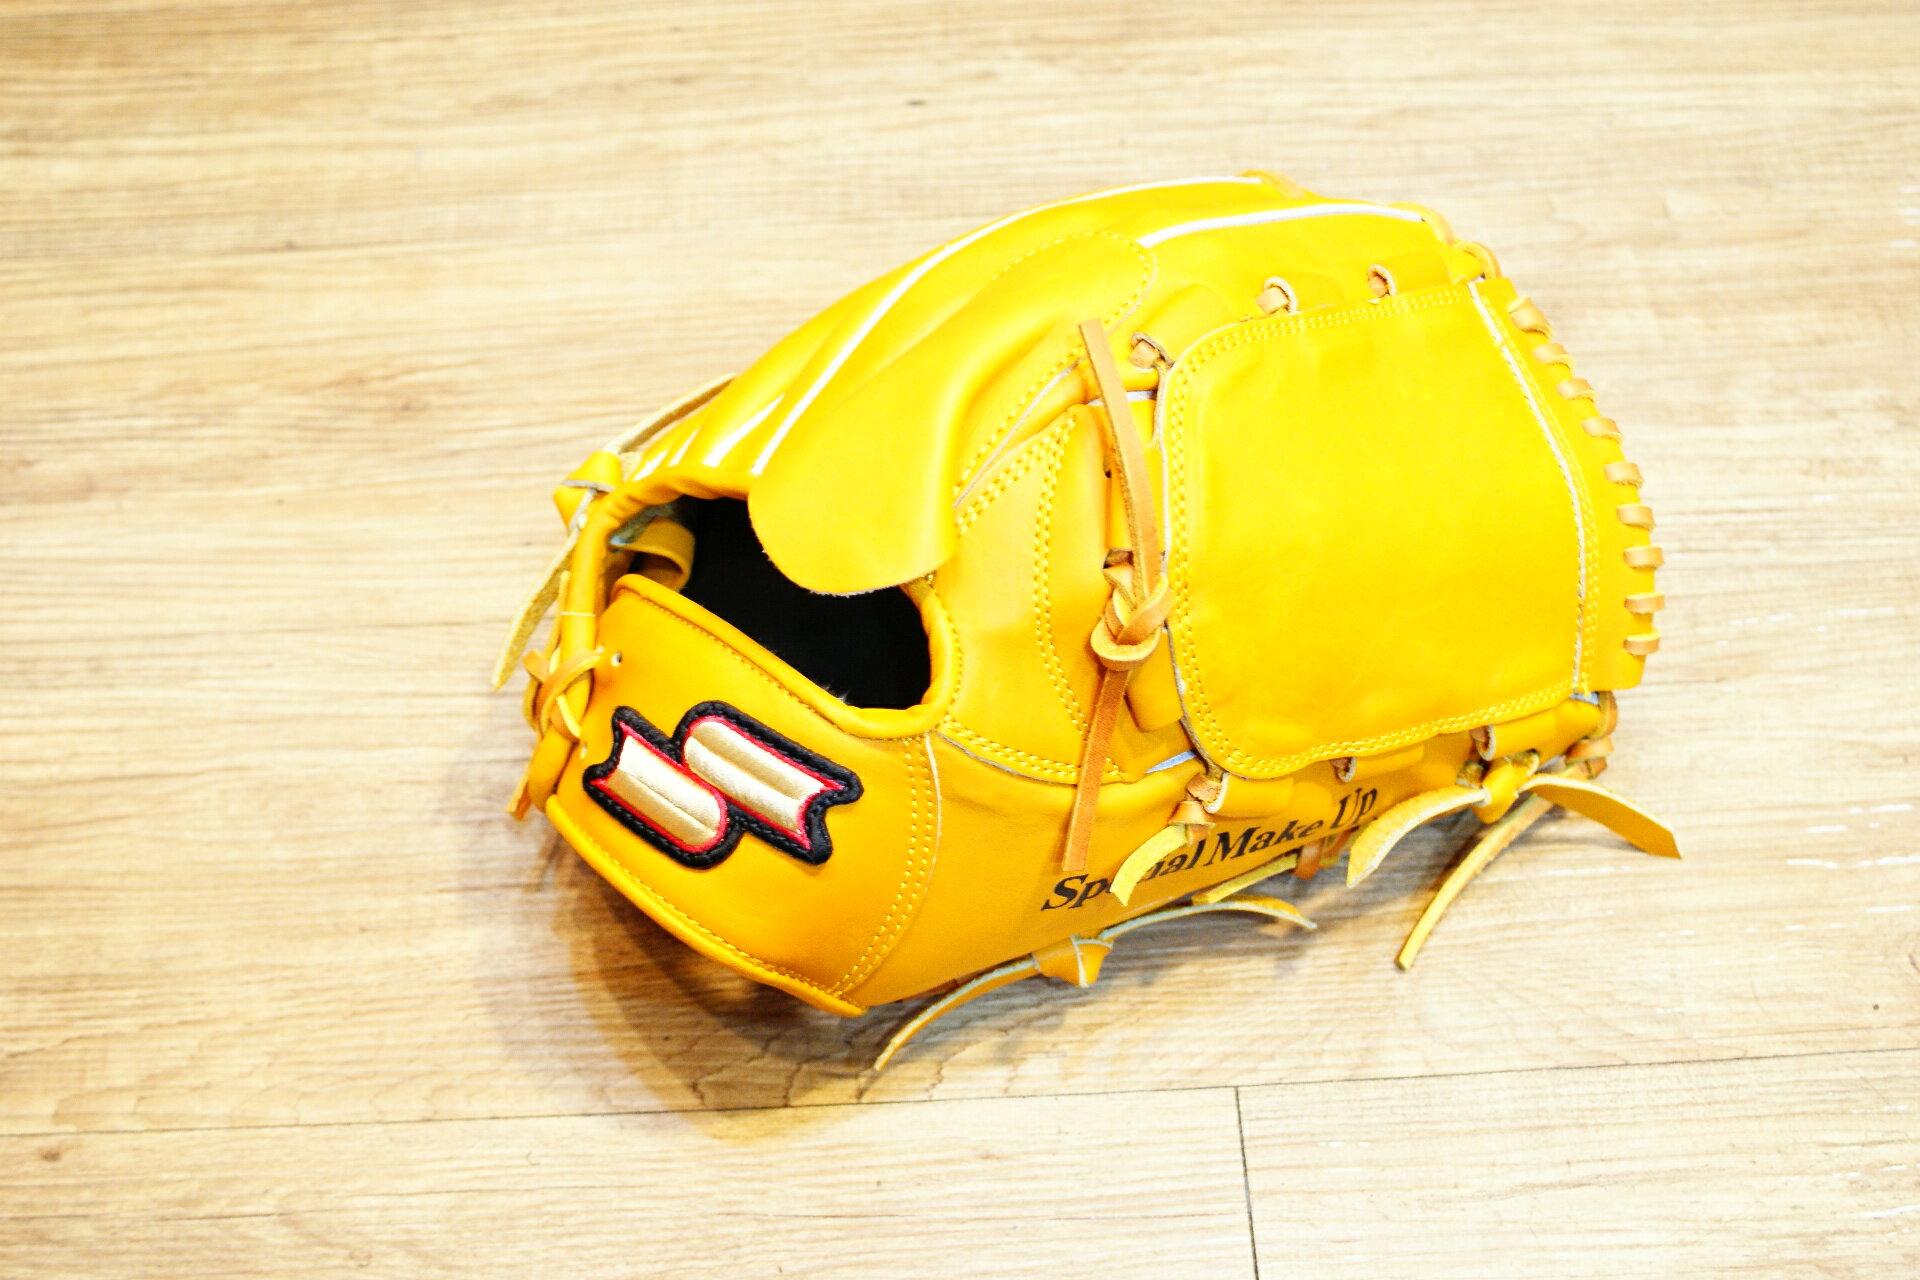 棒球世界全新SSK金標全牛皮棒壘球手套投手用 特價 原皮色 單片球檔 65折